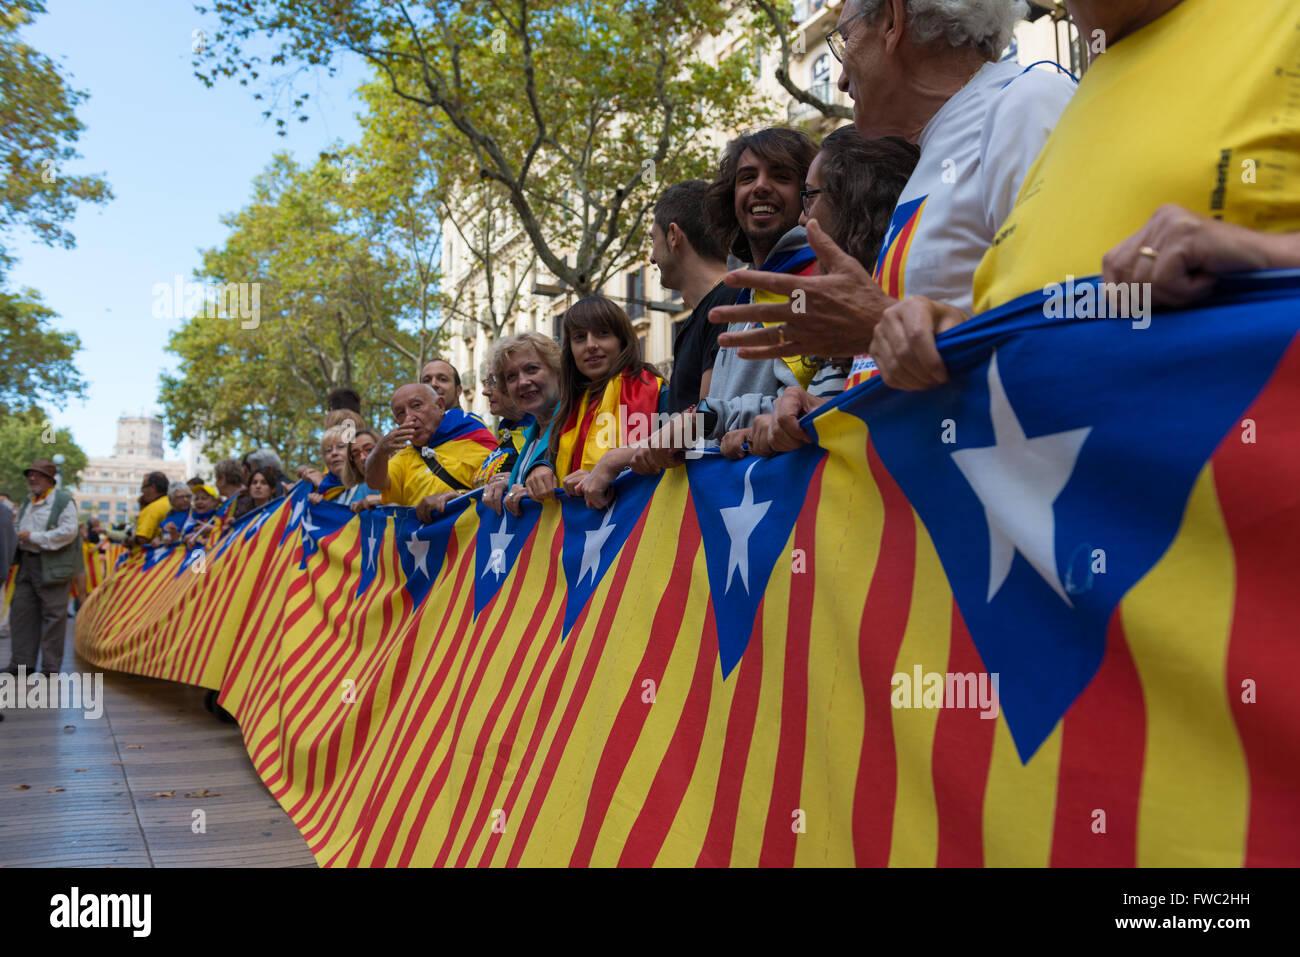 Le drapeau au long de la Journée nationale de la Catalogne à Barcelone Photo Stock